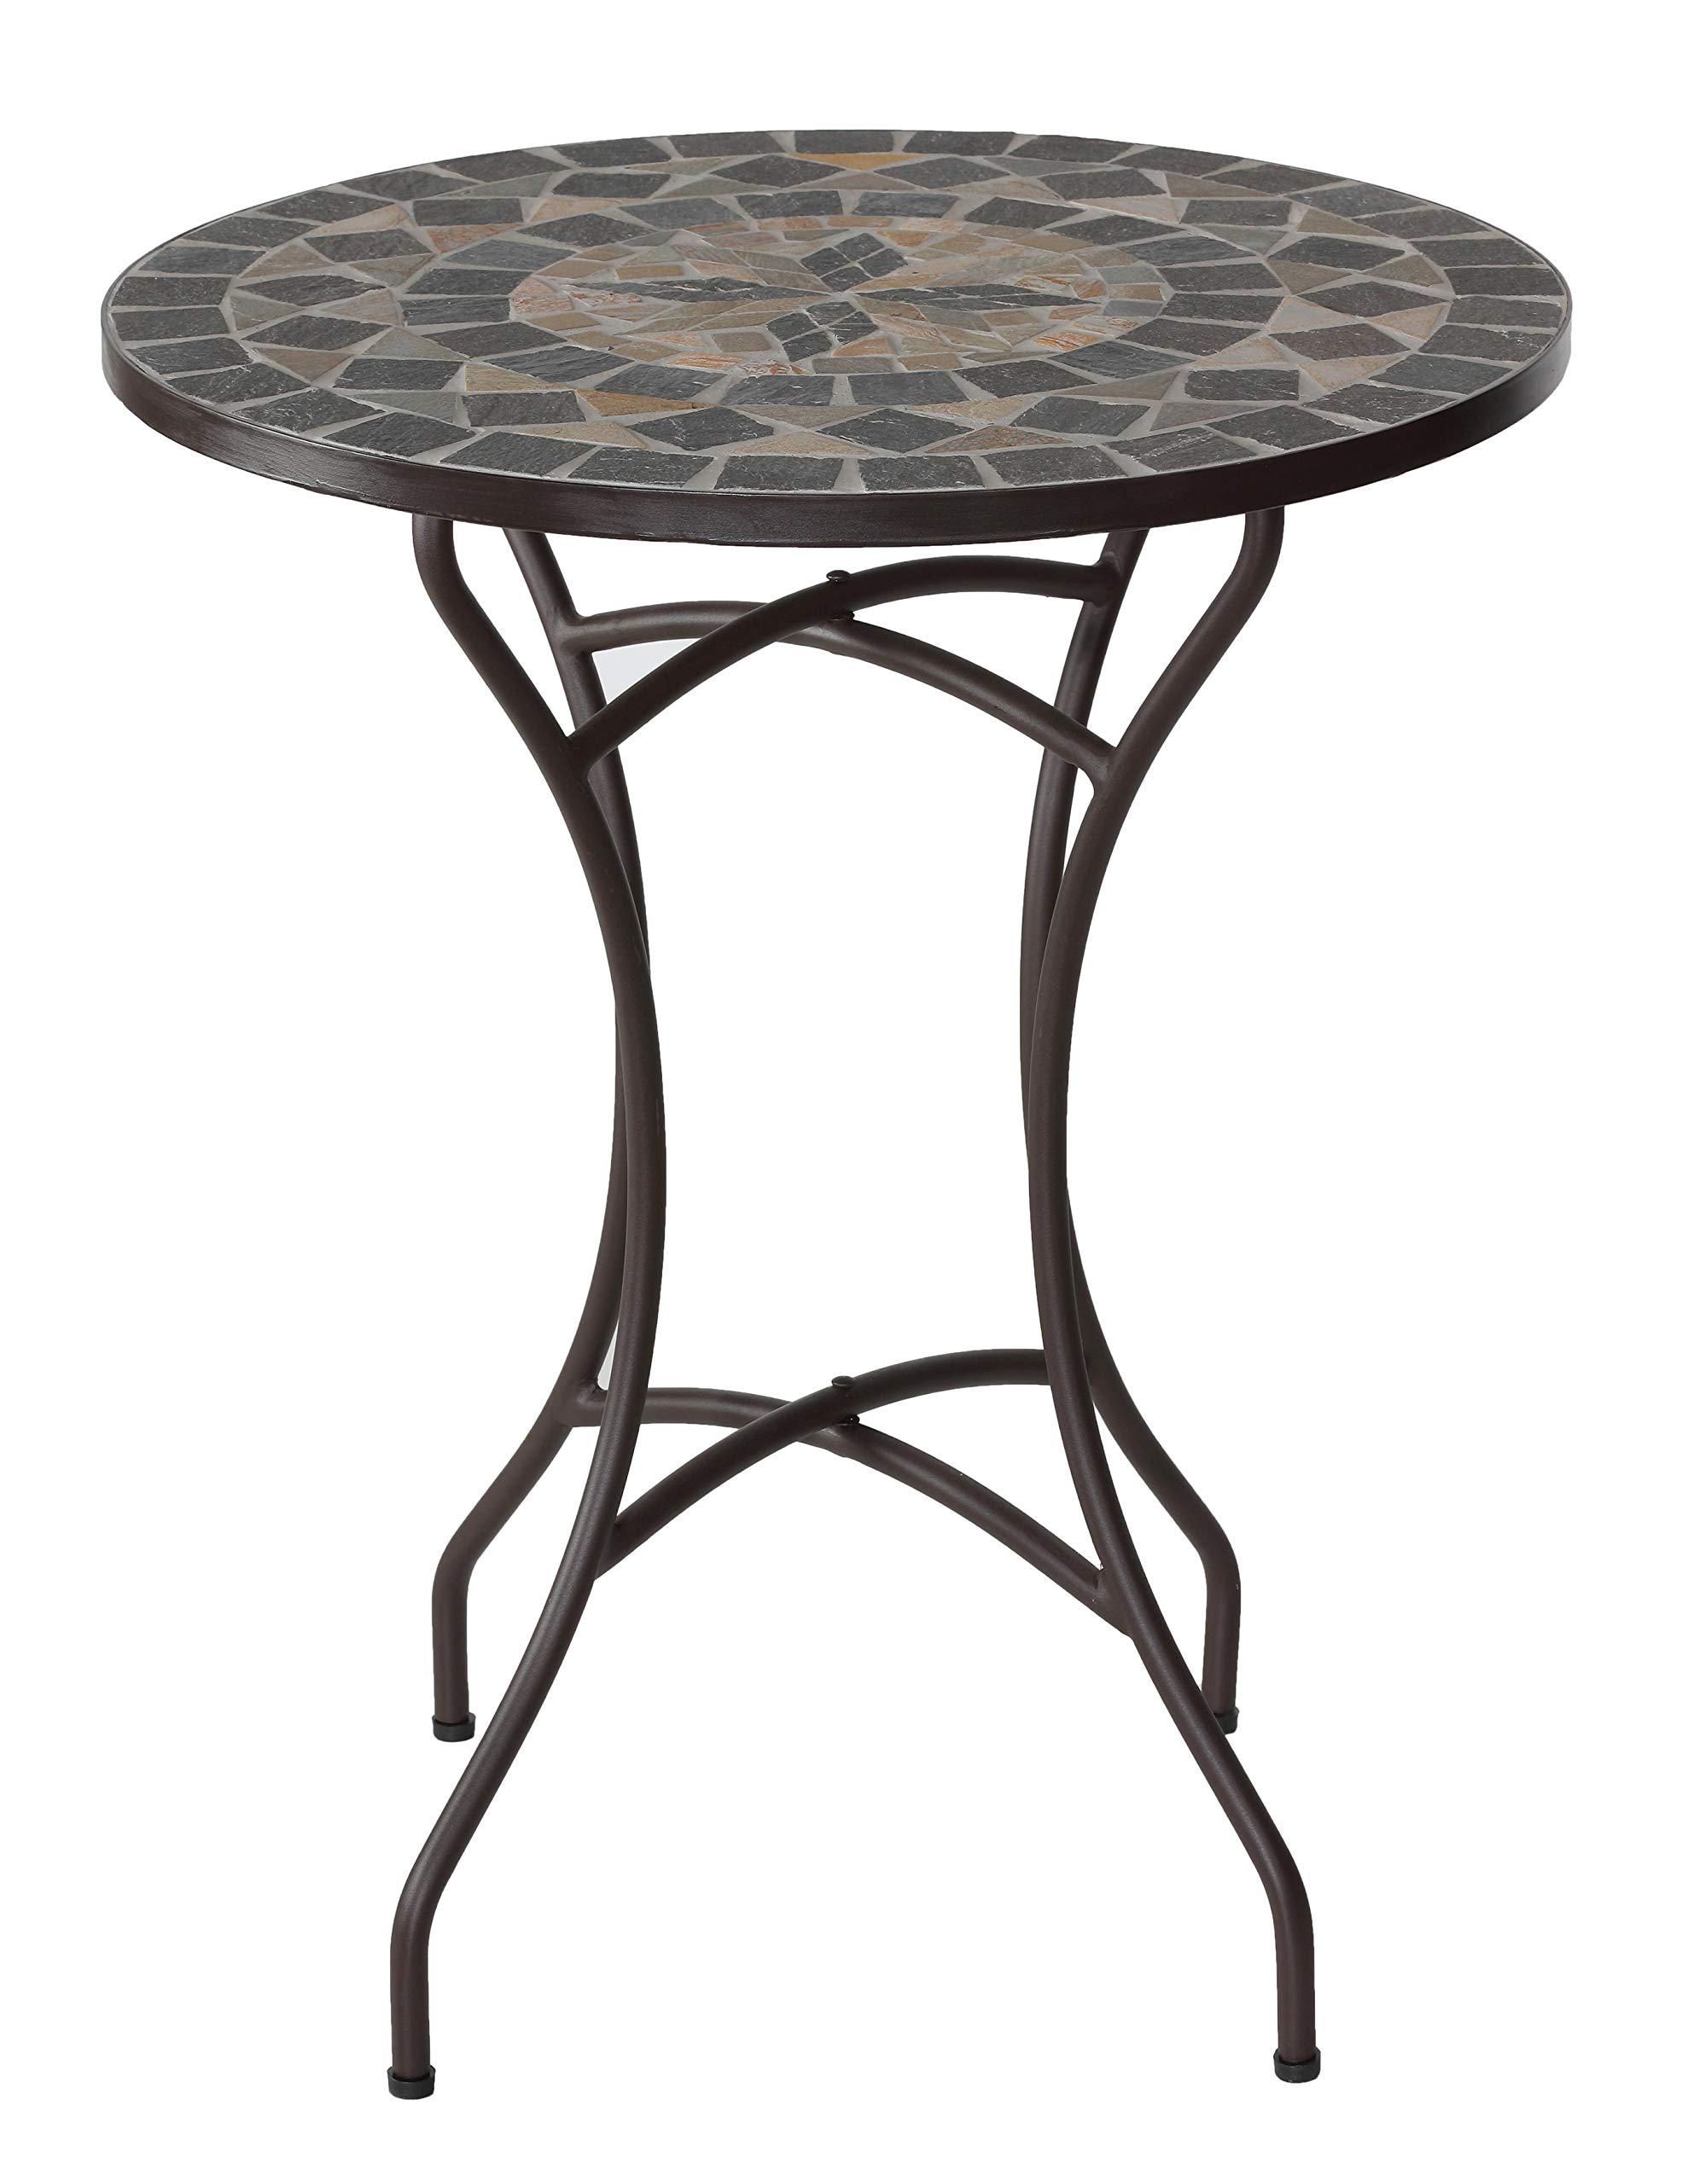 Cortesi Home CH-DT700208 Mimi Mosaic Round Indoor/Outdoor Bistro Table, 24'' GrayBrown